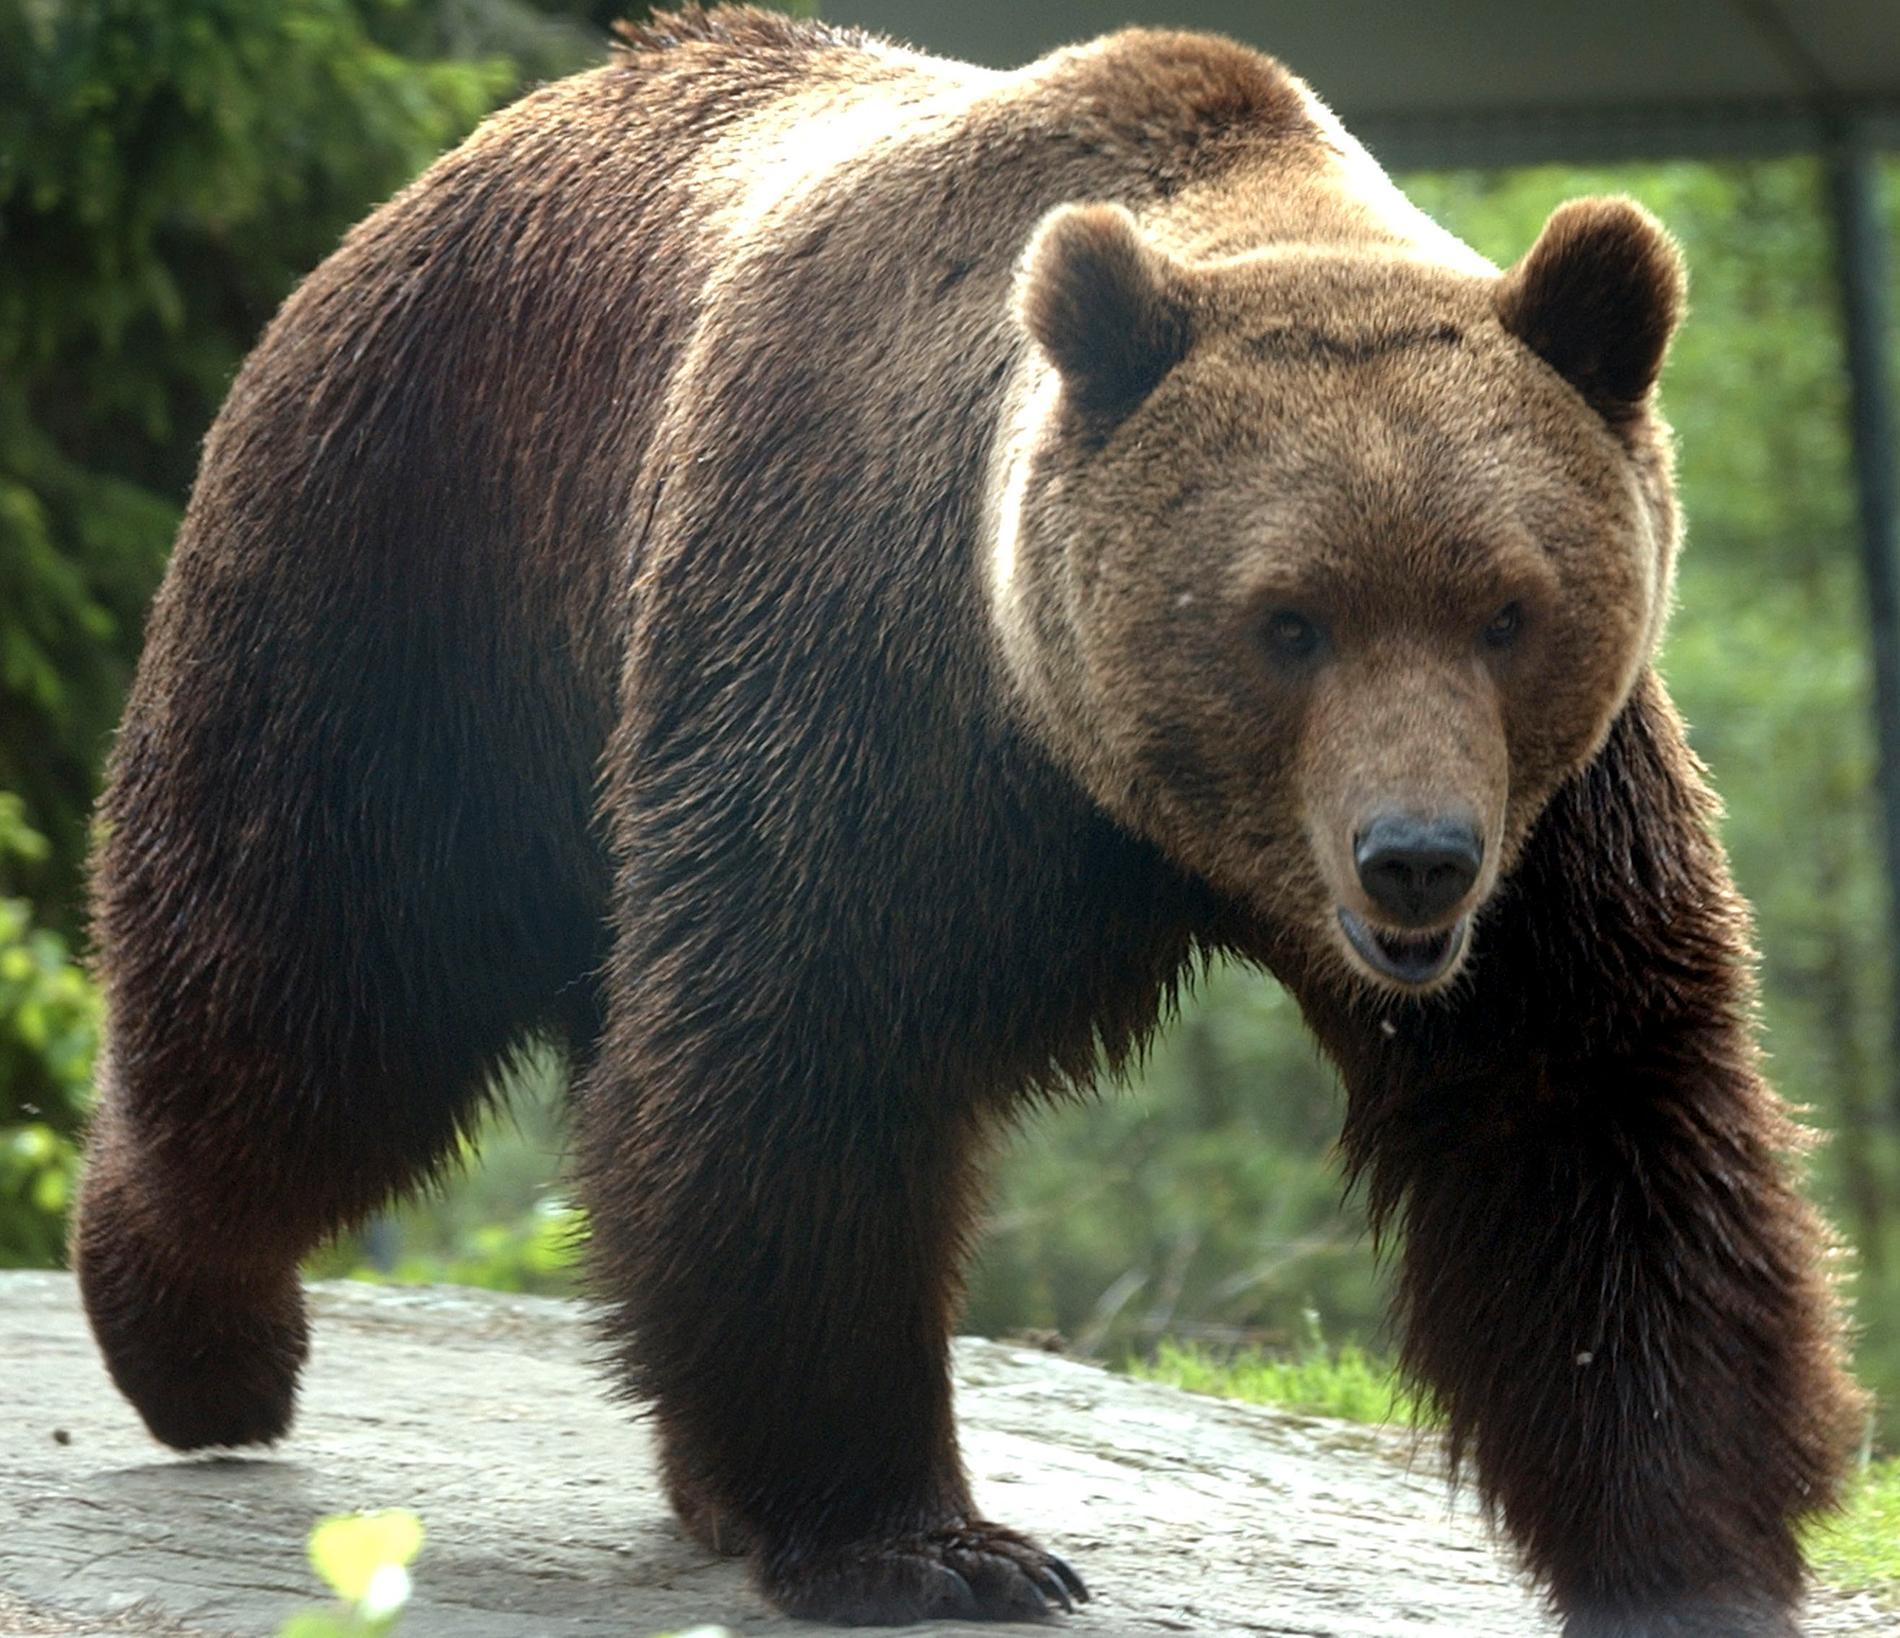 Blynivåerna i svenska björnar tyder på omfattande problem i skogen. Arkivbild.